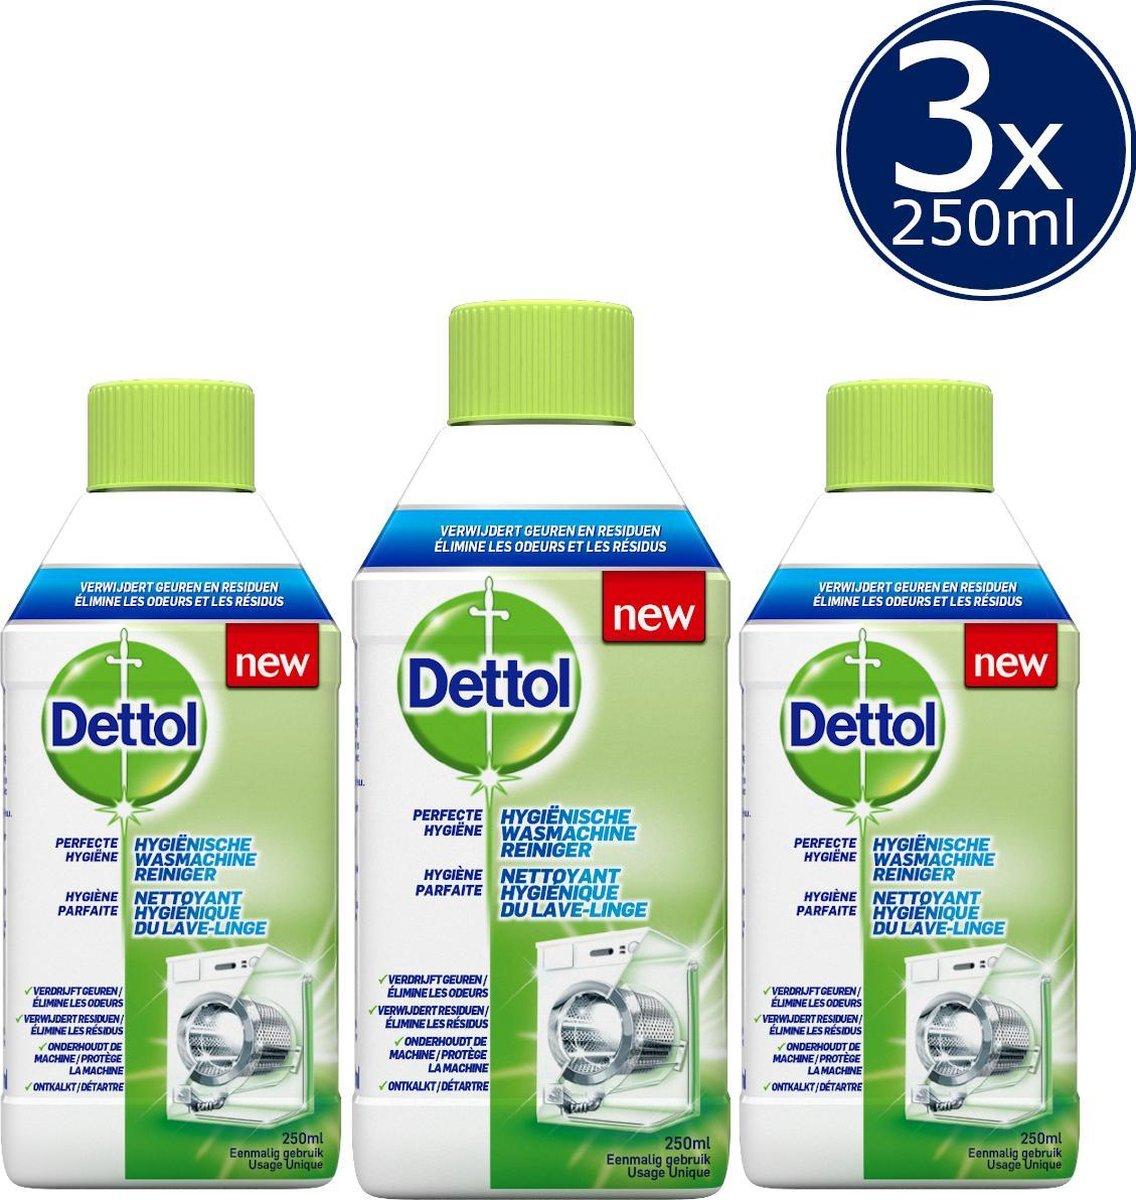 Dettol Hygiënische Wasmachine Reiniger - 3 x 250 ml